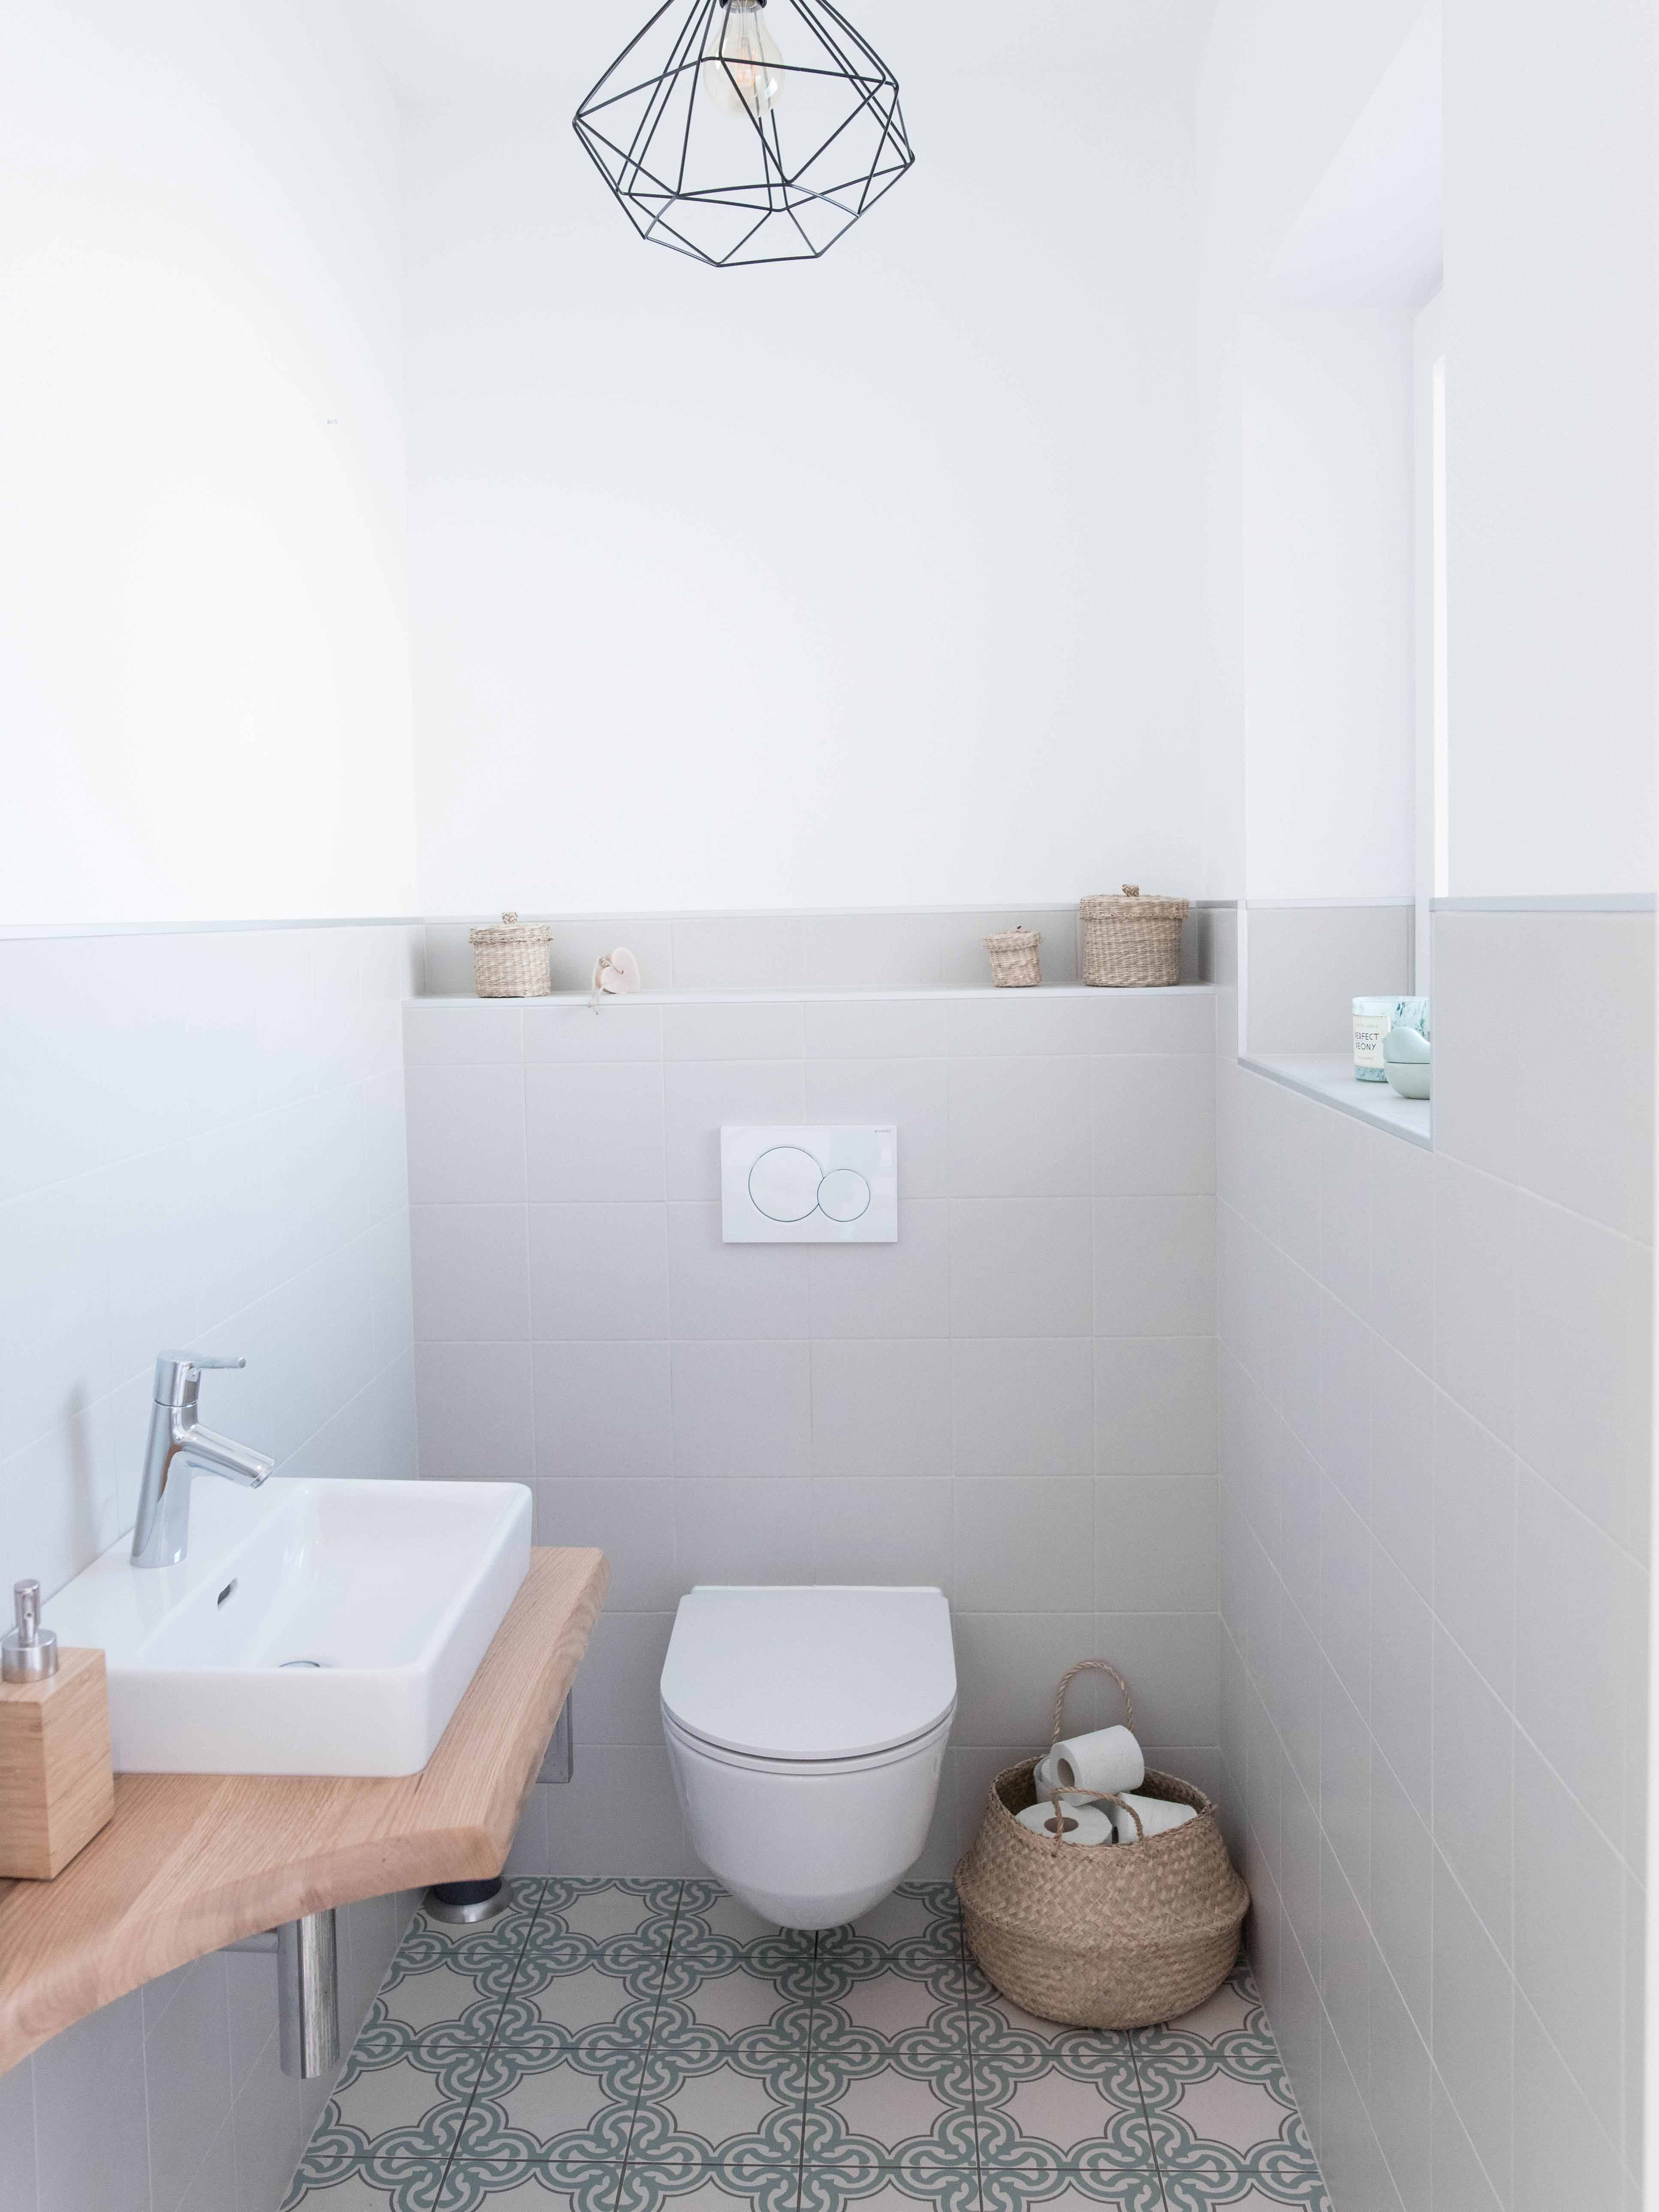 Inspirieren lassen auf bad badezimmer g ste wc und bad - Stylische babyzimmer ...